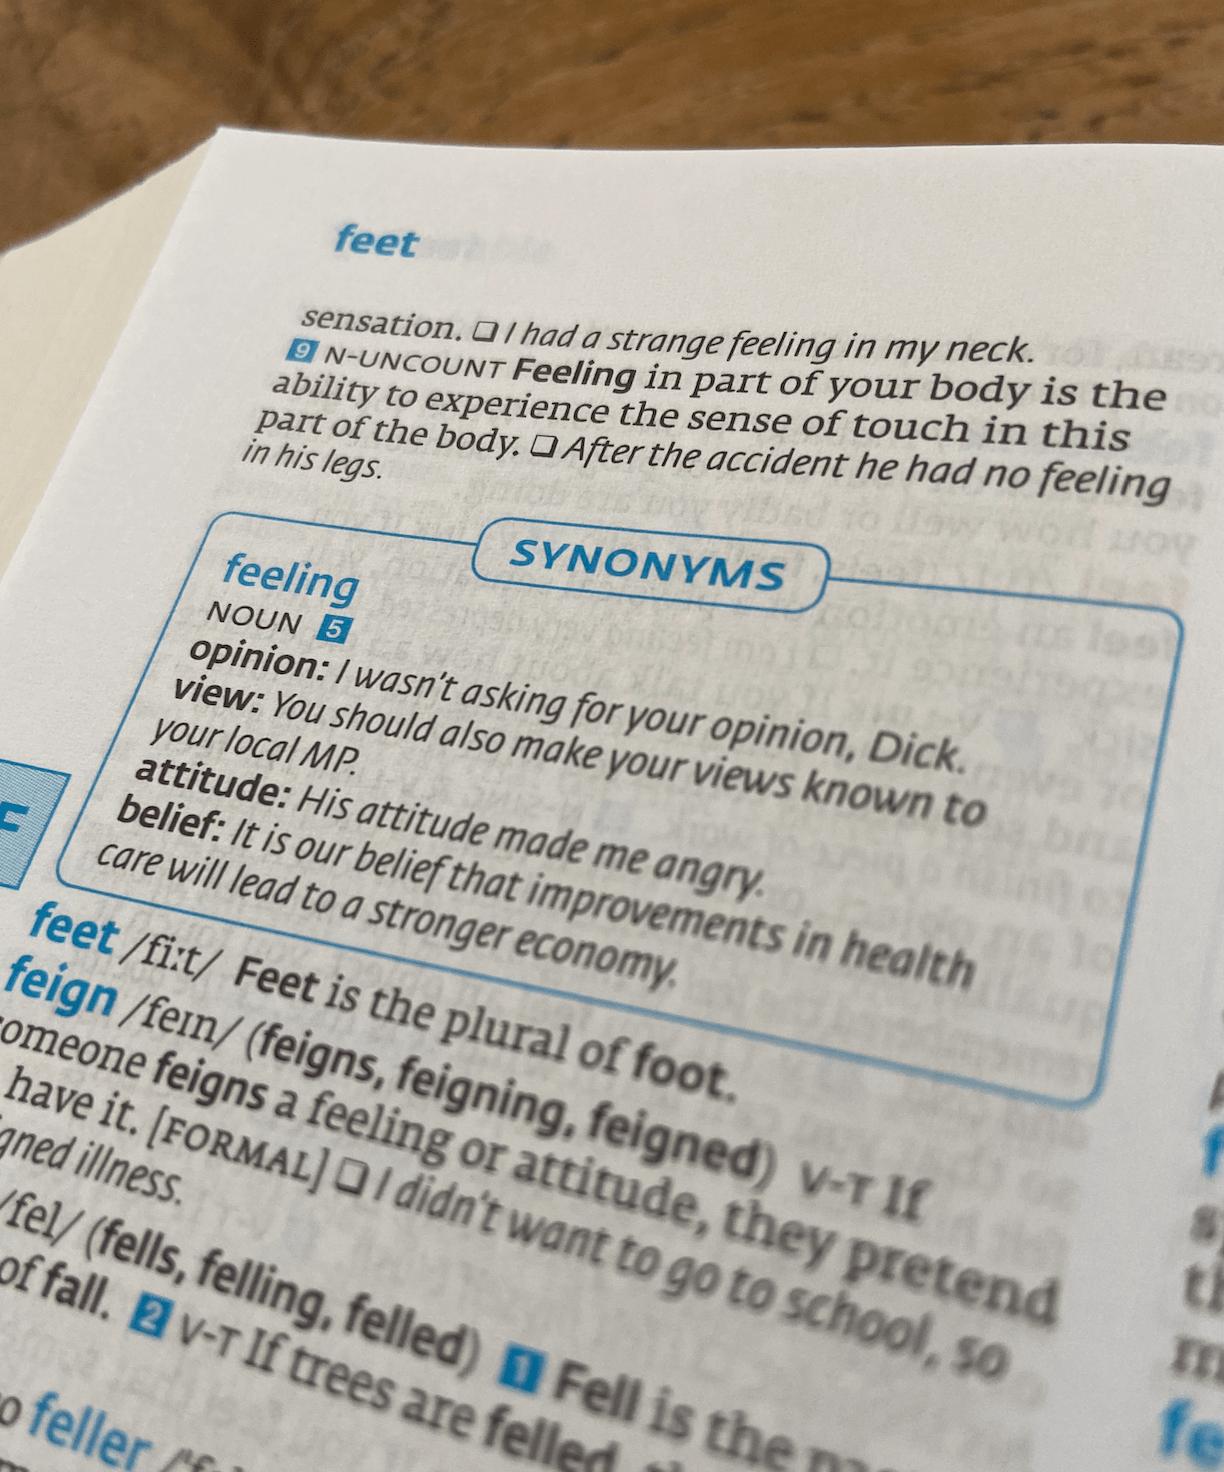 Restoreを英英辞書で調べてso thatを学ぶ。